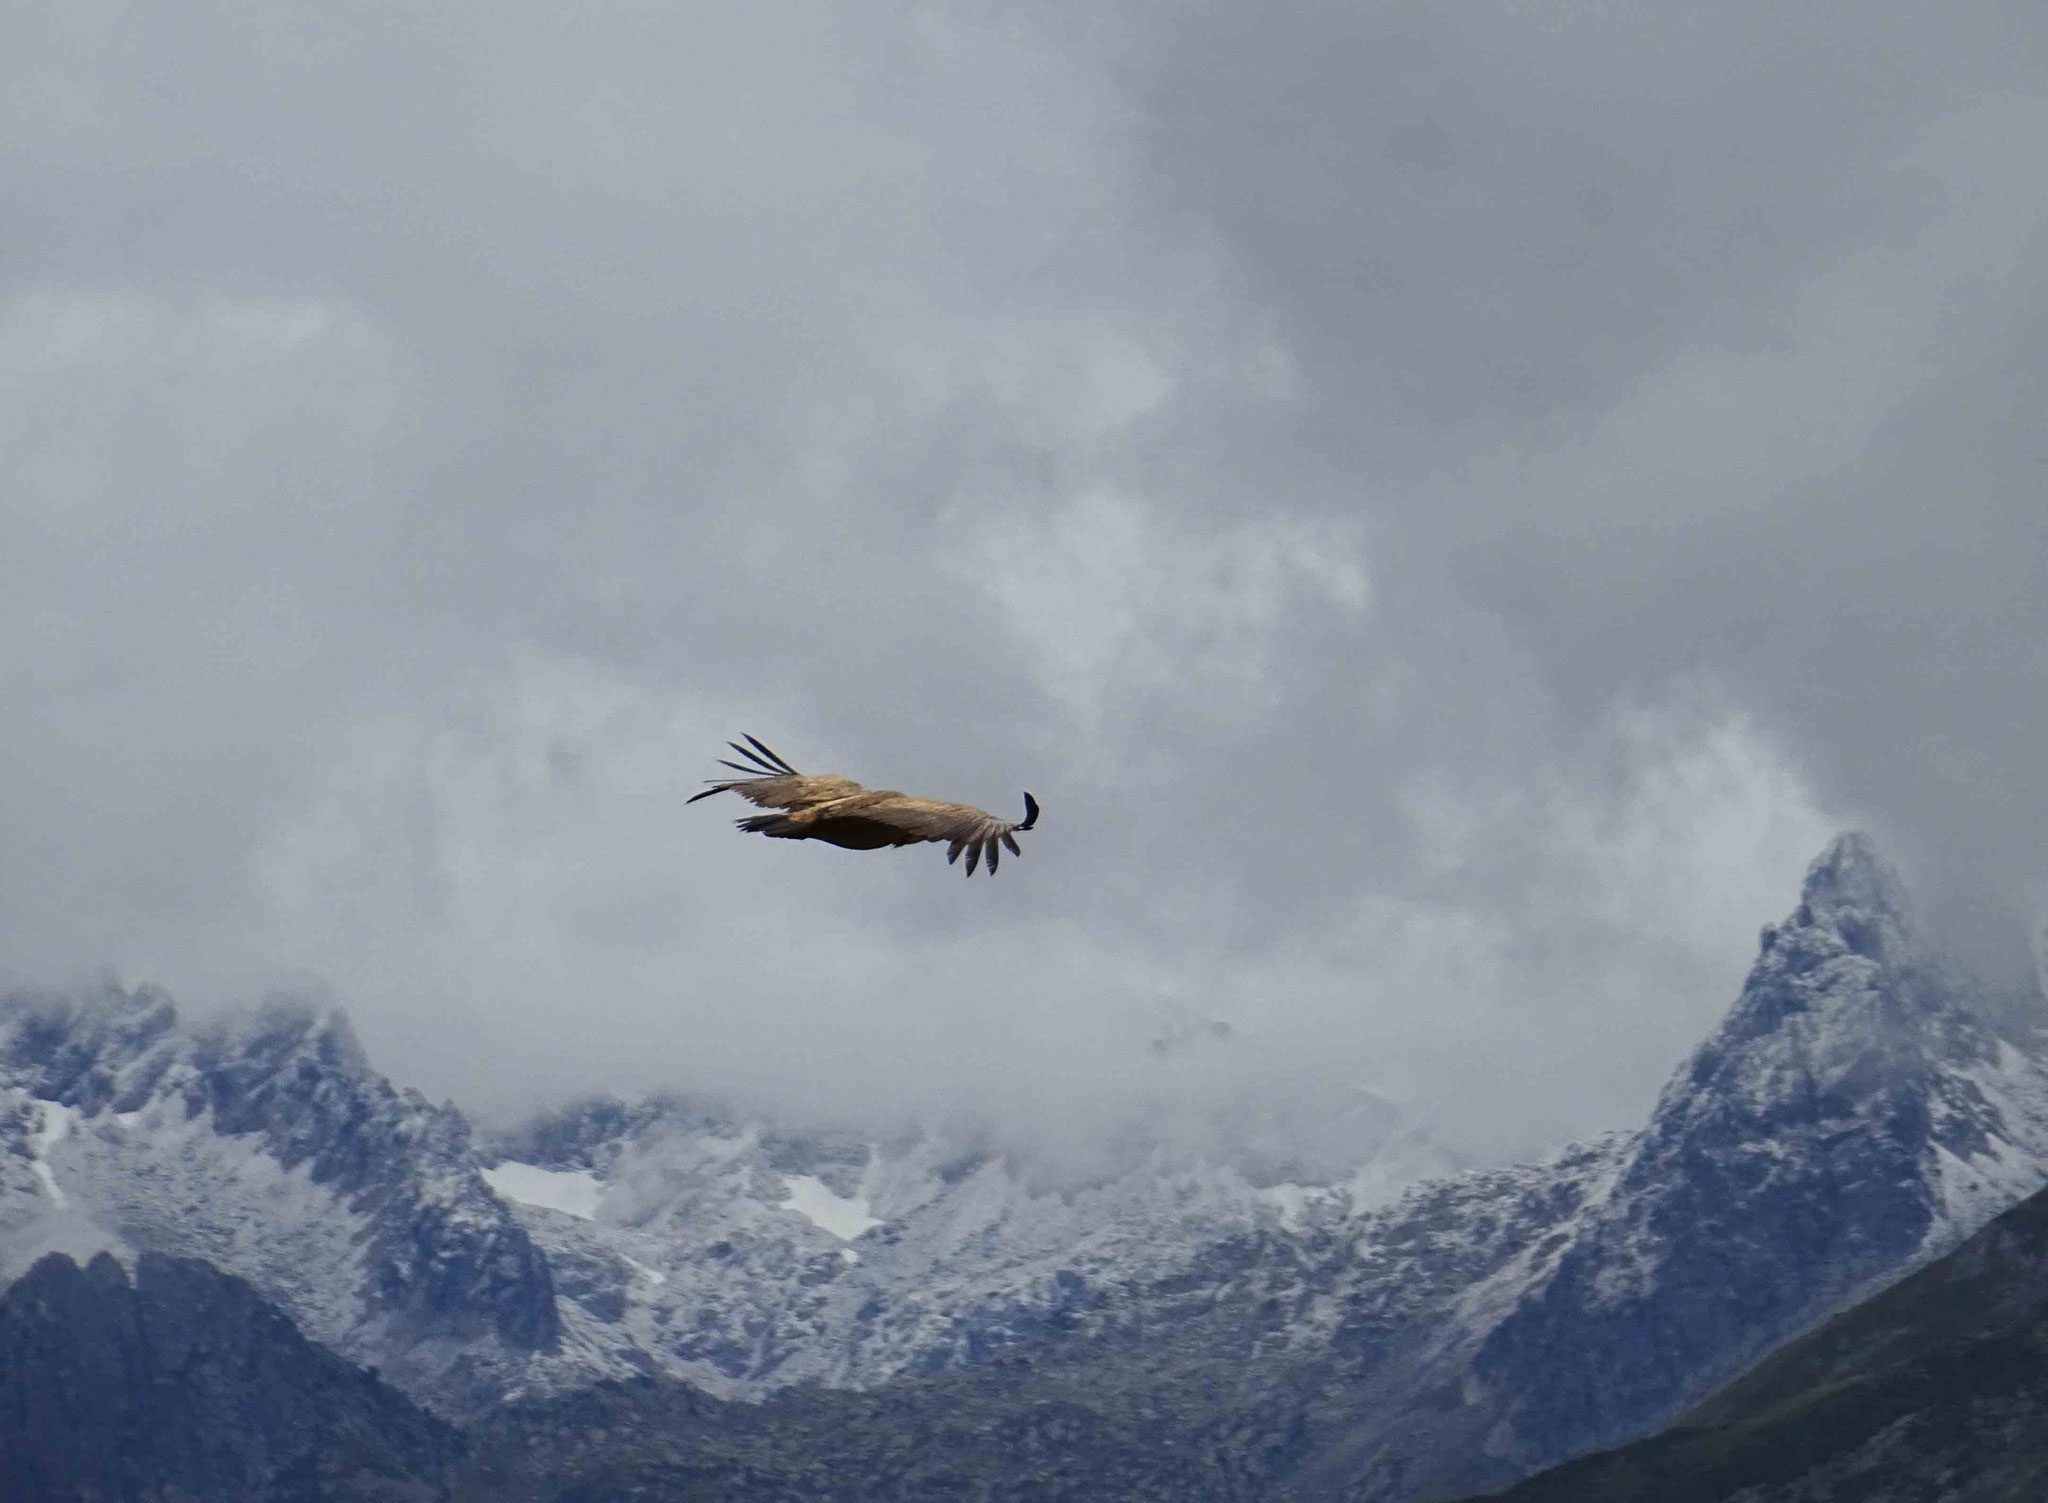 Vol de vautour fauve saisi sur fond de premières neiges